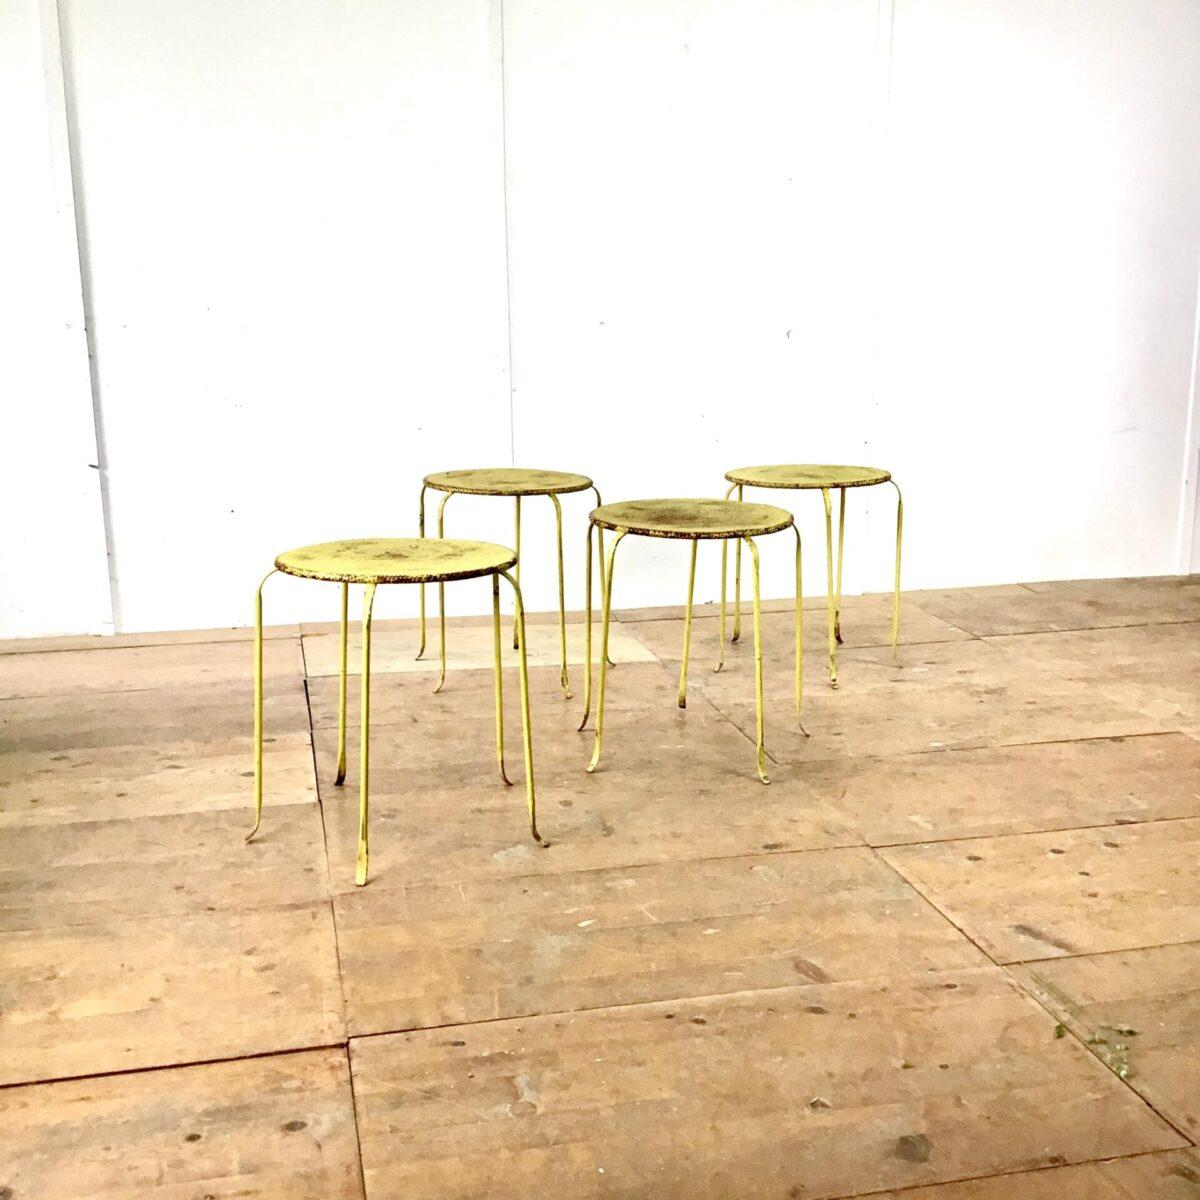 deuxieme.shop Vier Metall Gartentische Durchmesser 46cm Höhe 54cm. Filigrane Beine nicht allzu belastbar. Aber als Blumen Tischli, Kaffeetisch oder für dekoratives gut geeignet.